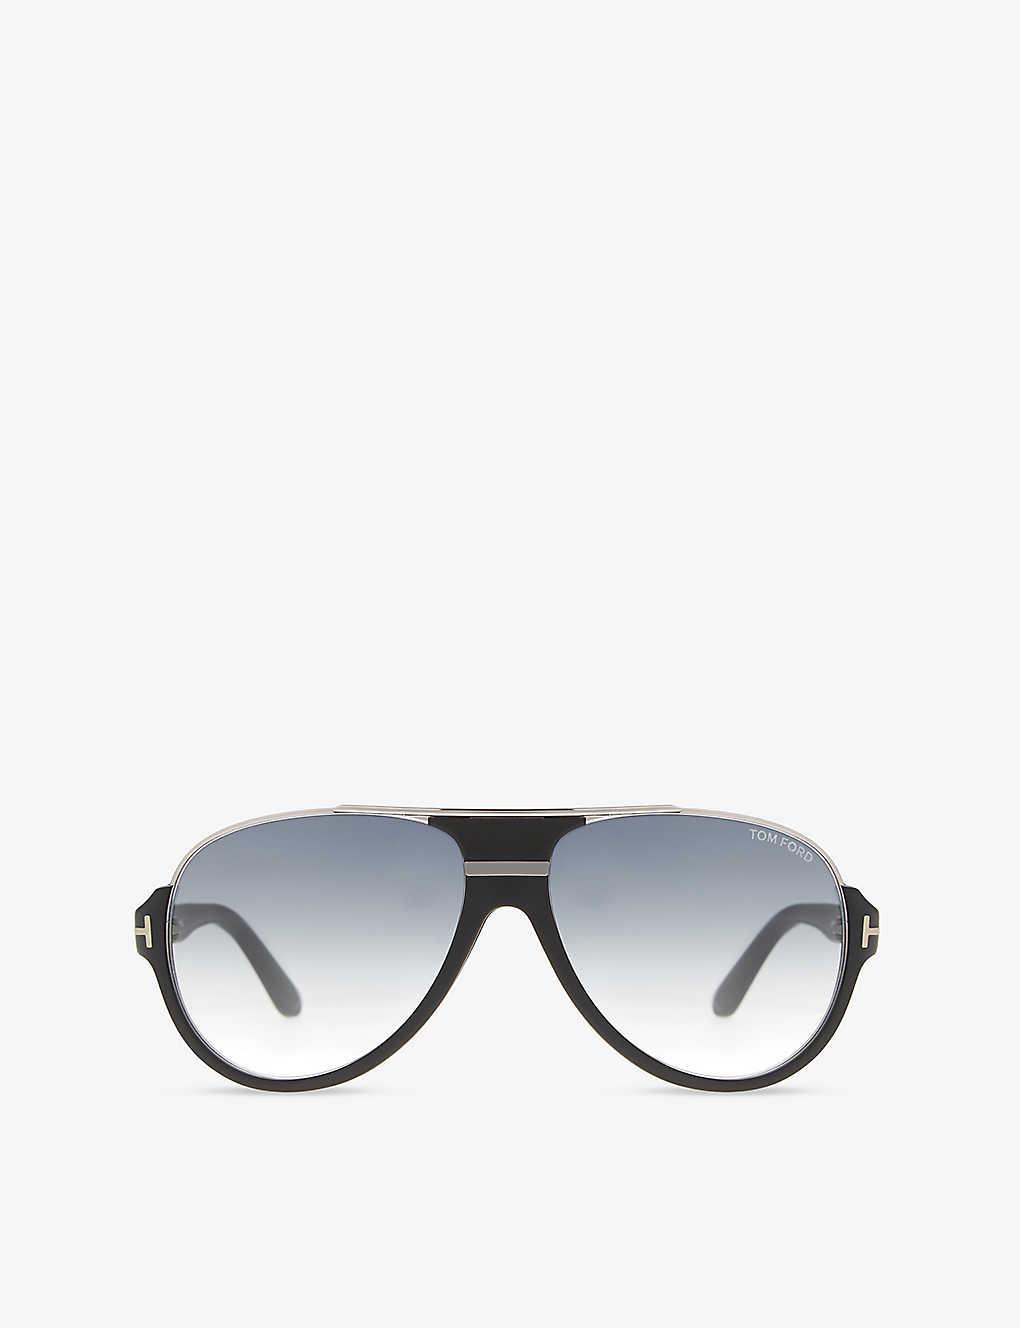 3433a0ce29e6d Dimitry aviator sunglasses - Black matte ...